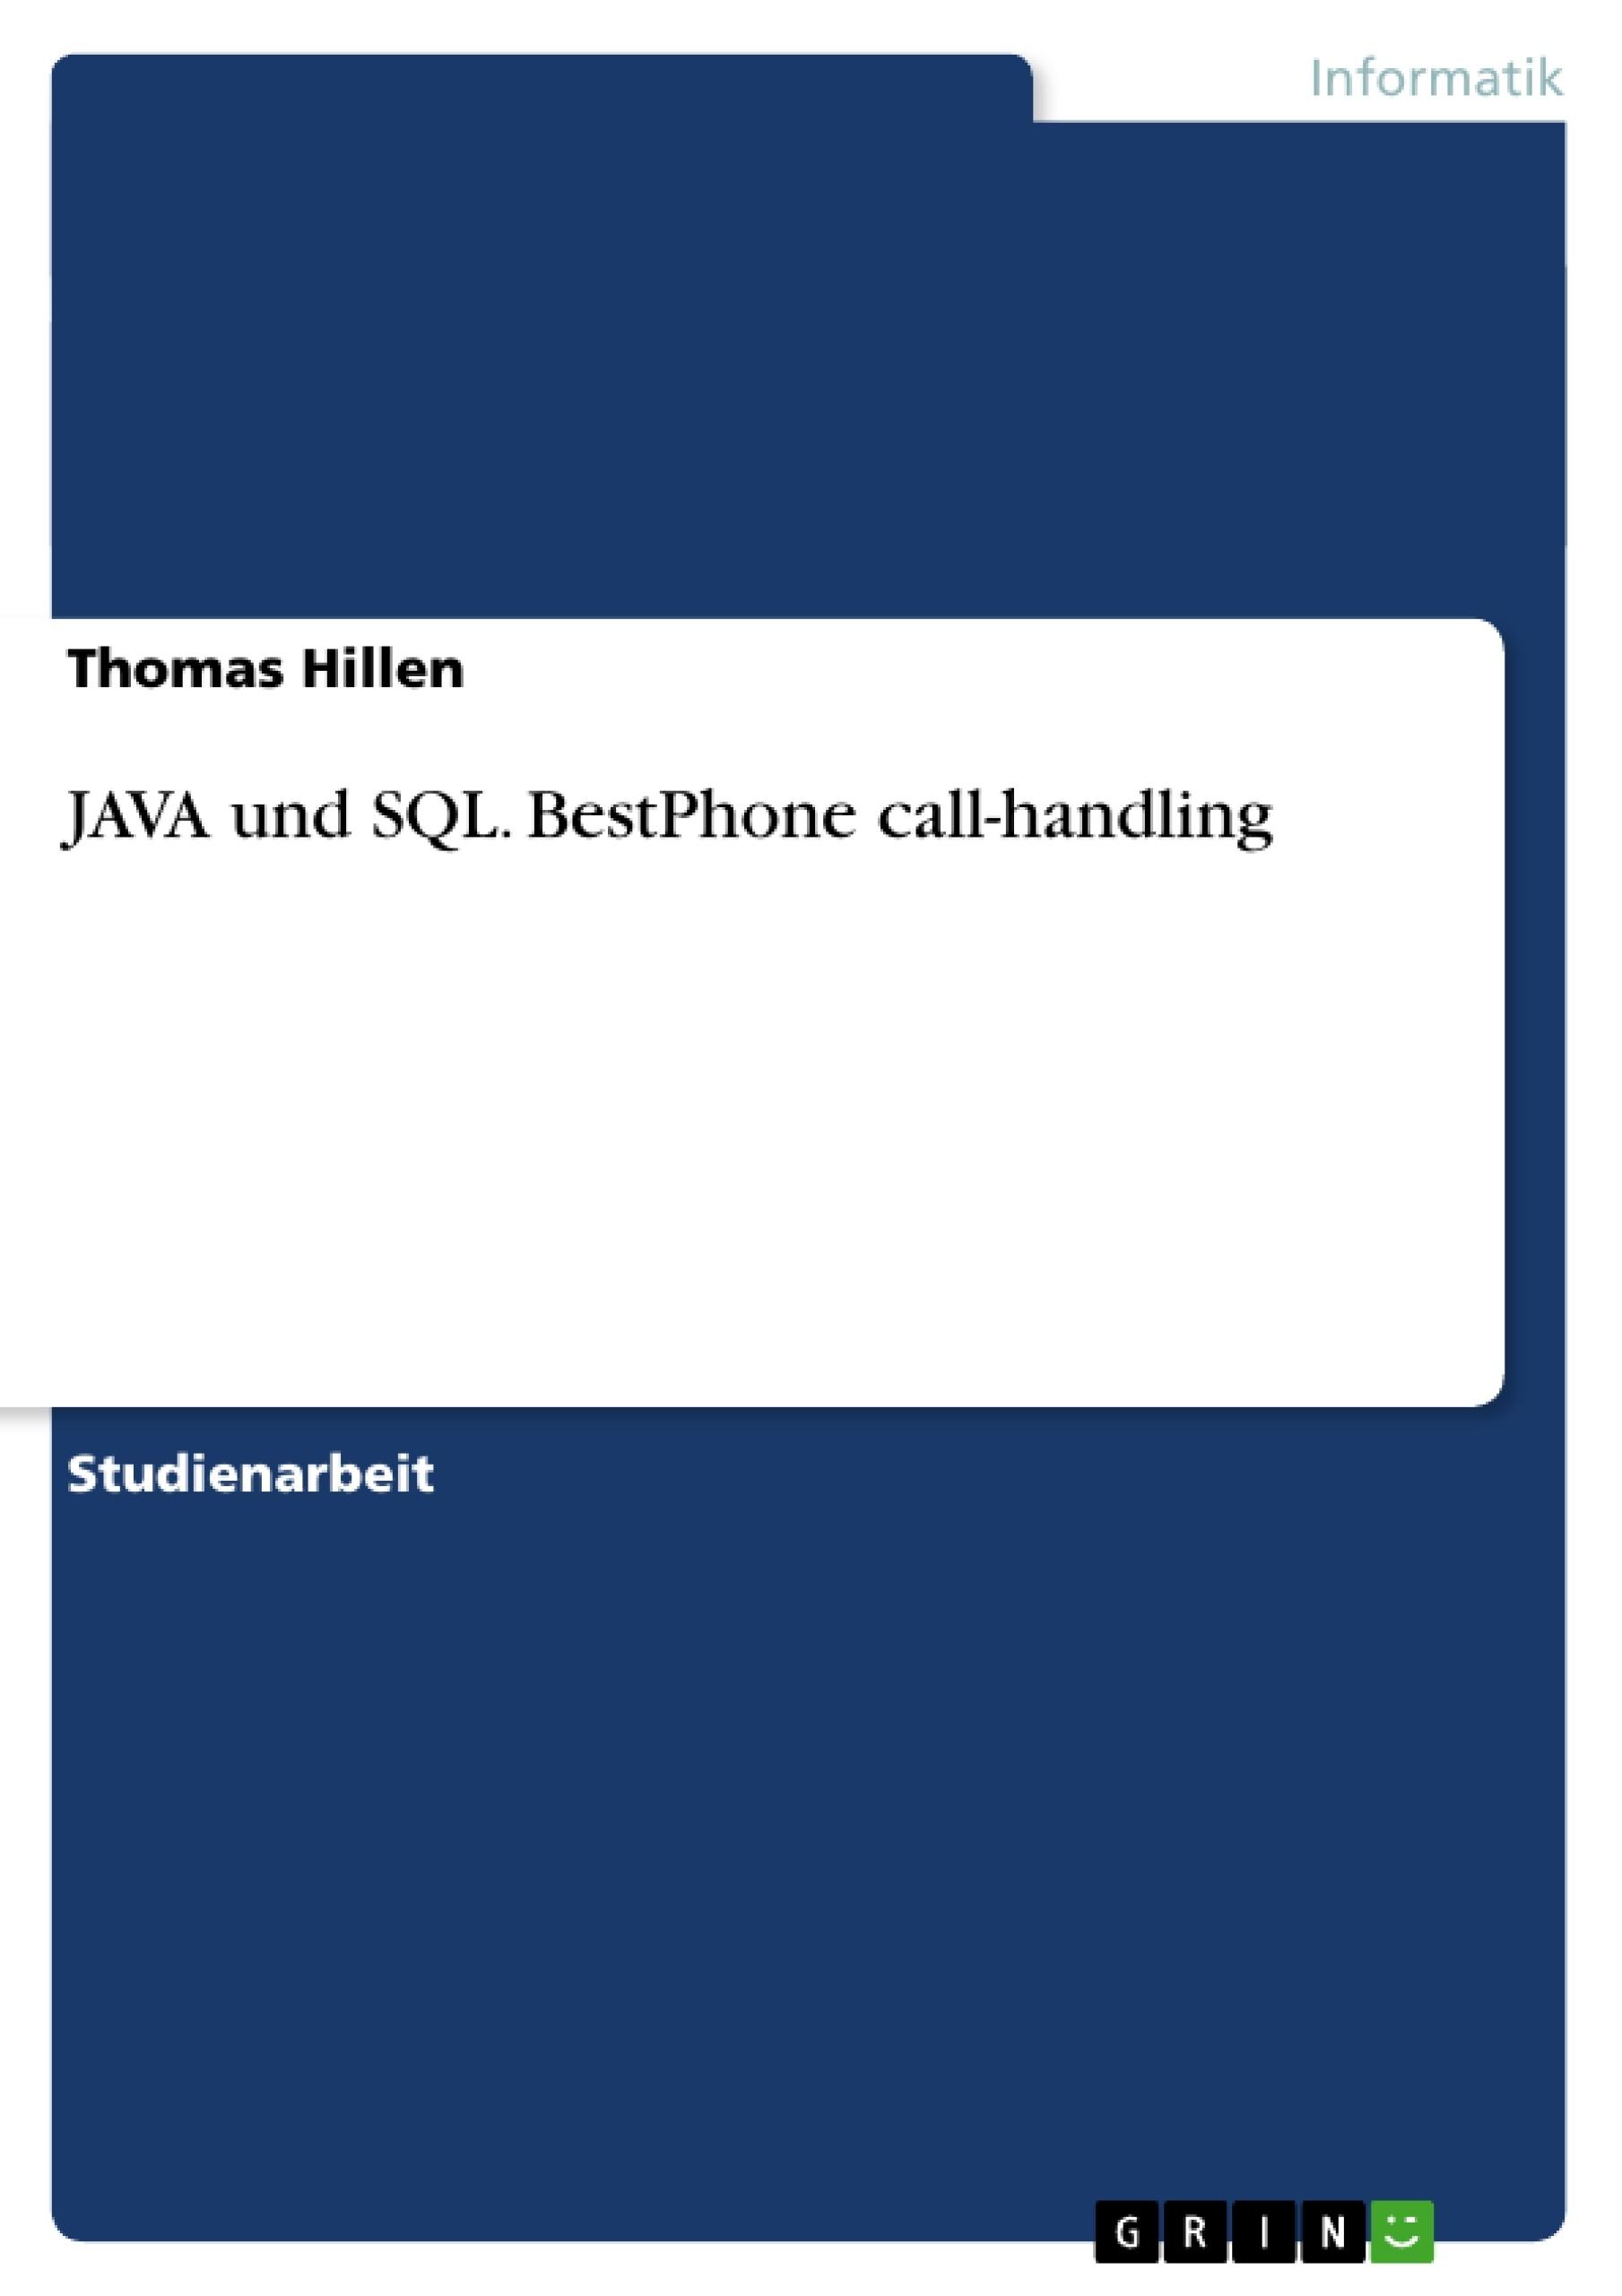 Titel: JAVA und SQL. BestPhone call-handling